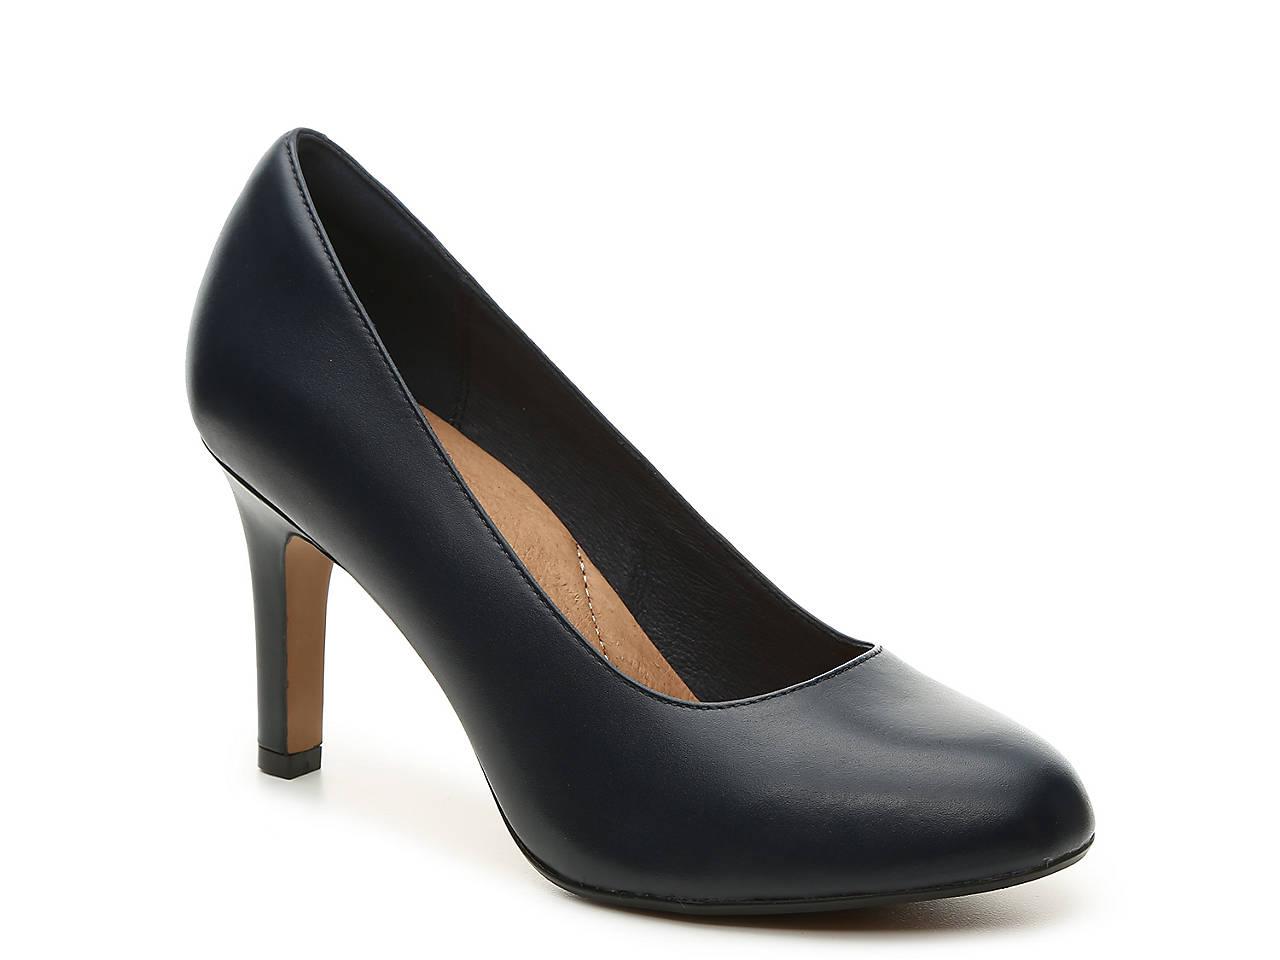 ec2067e145f Clarks Heavenly Star Pump Women s Shoes